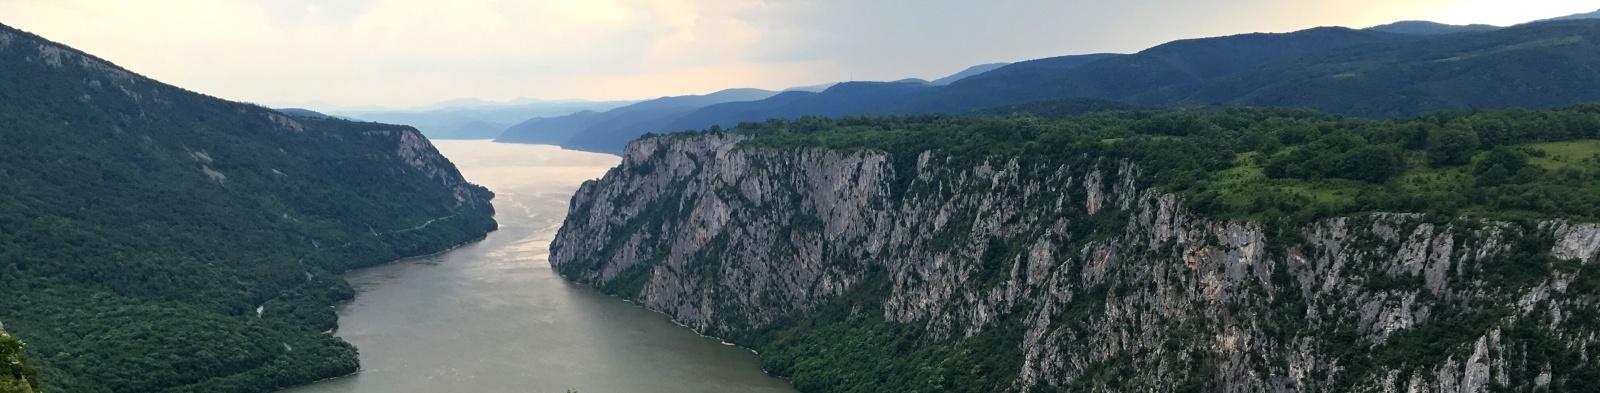 Srbský přírodní park